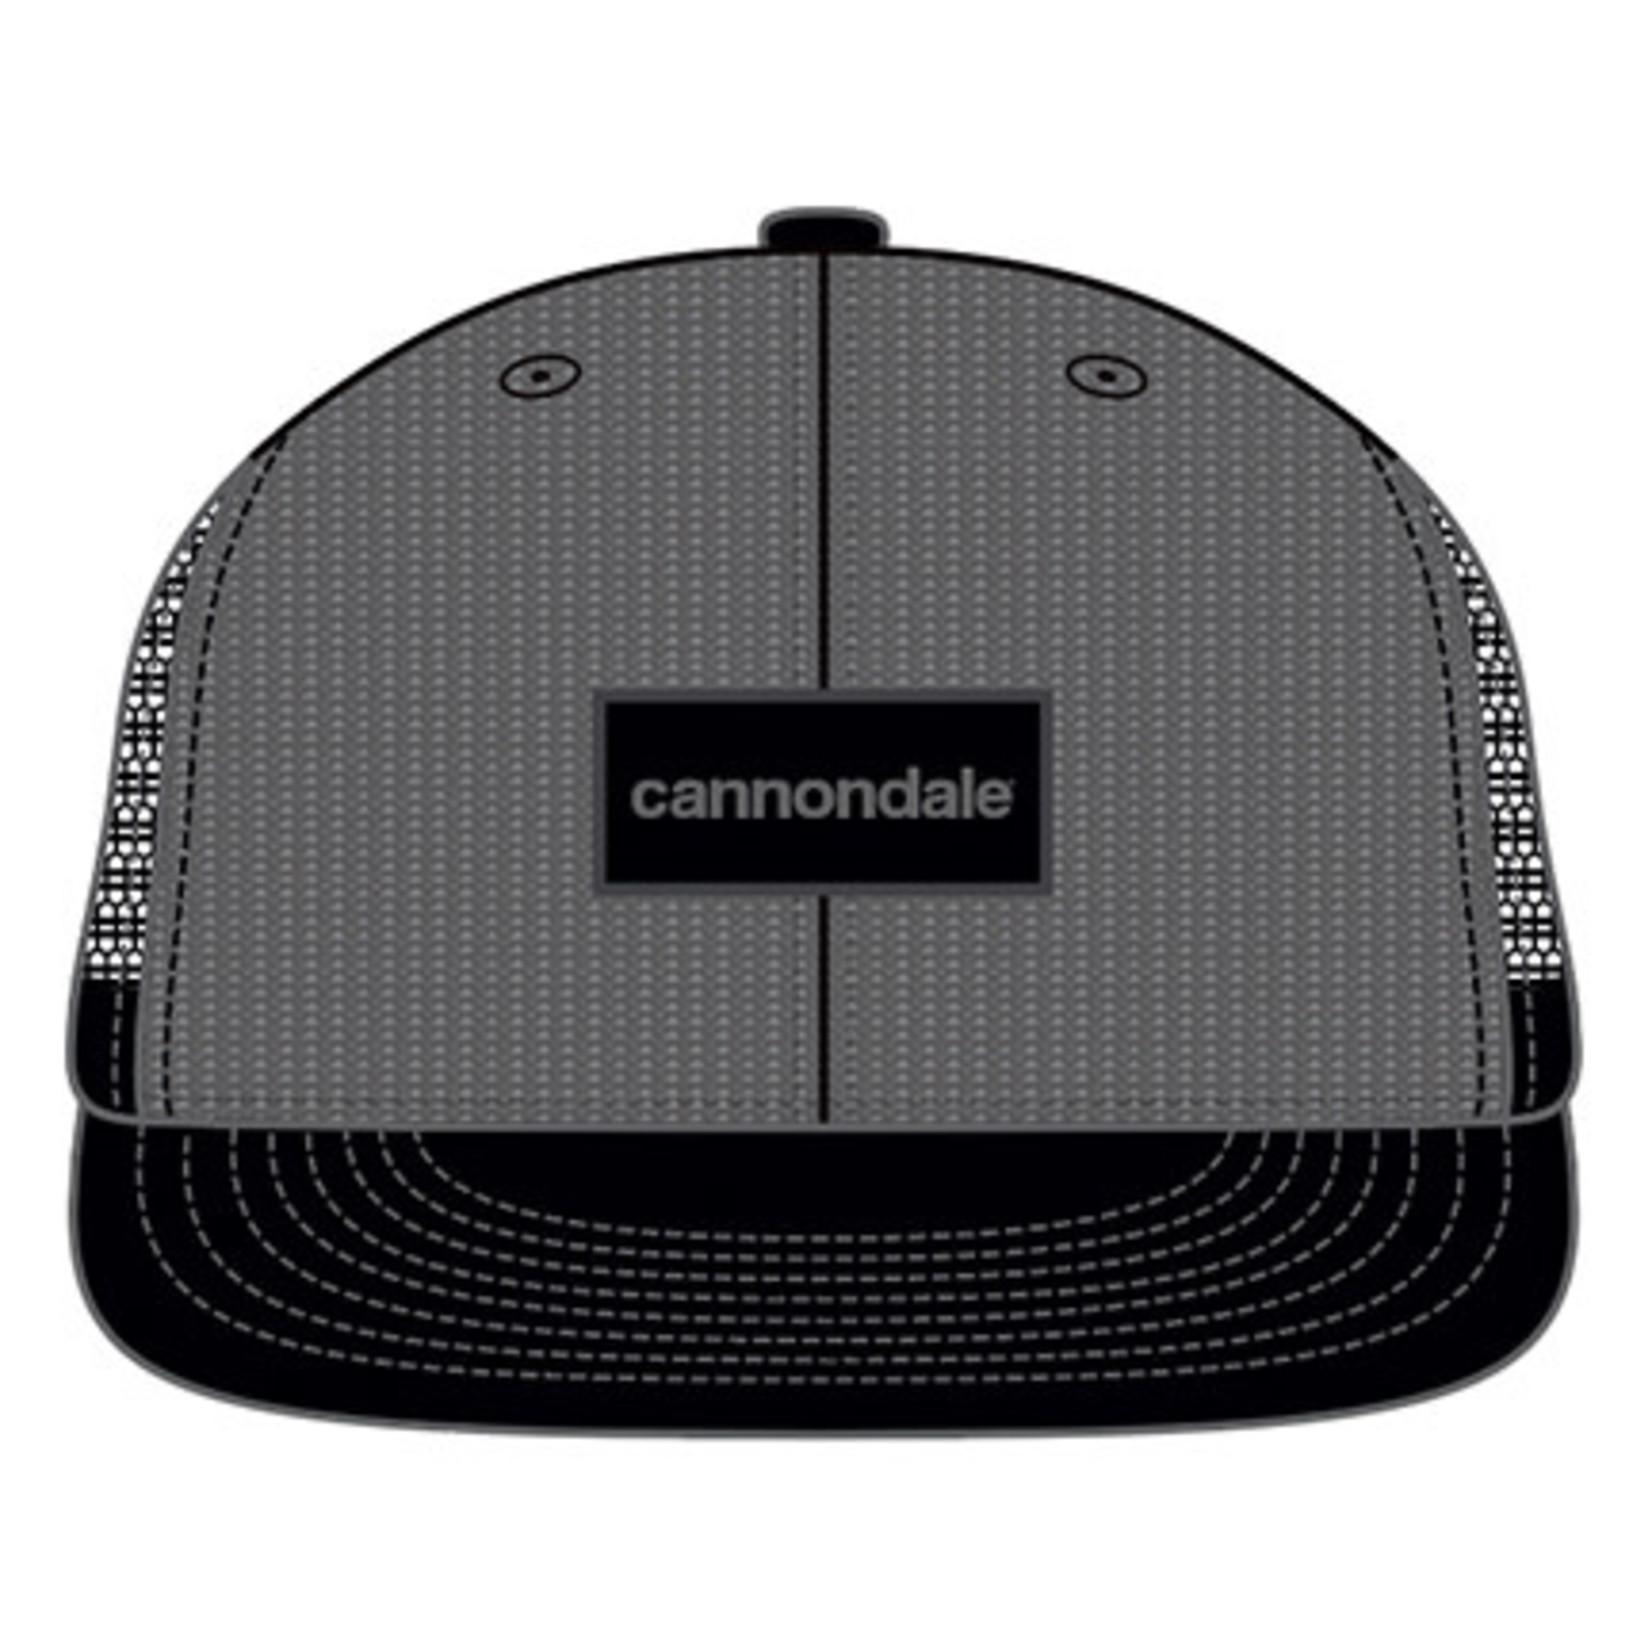 Cannondale Cannondale 6 Panel HAT